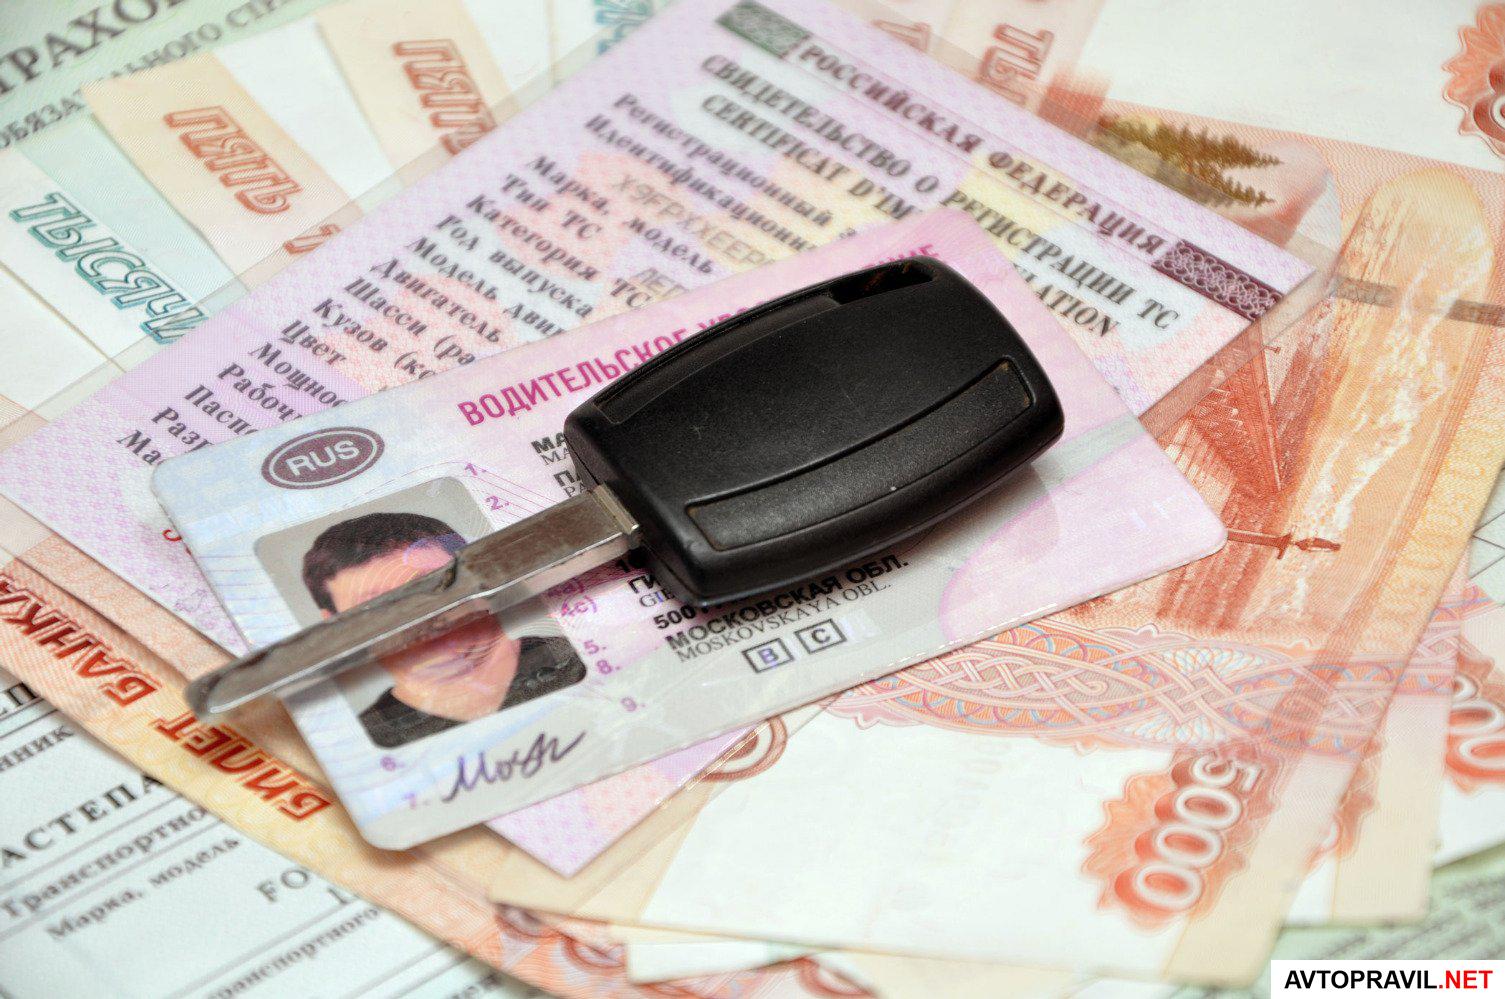 Как оплатить госпошлину за водительское удостоверение через Сбербанк Онлайн5c5dd20421335